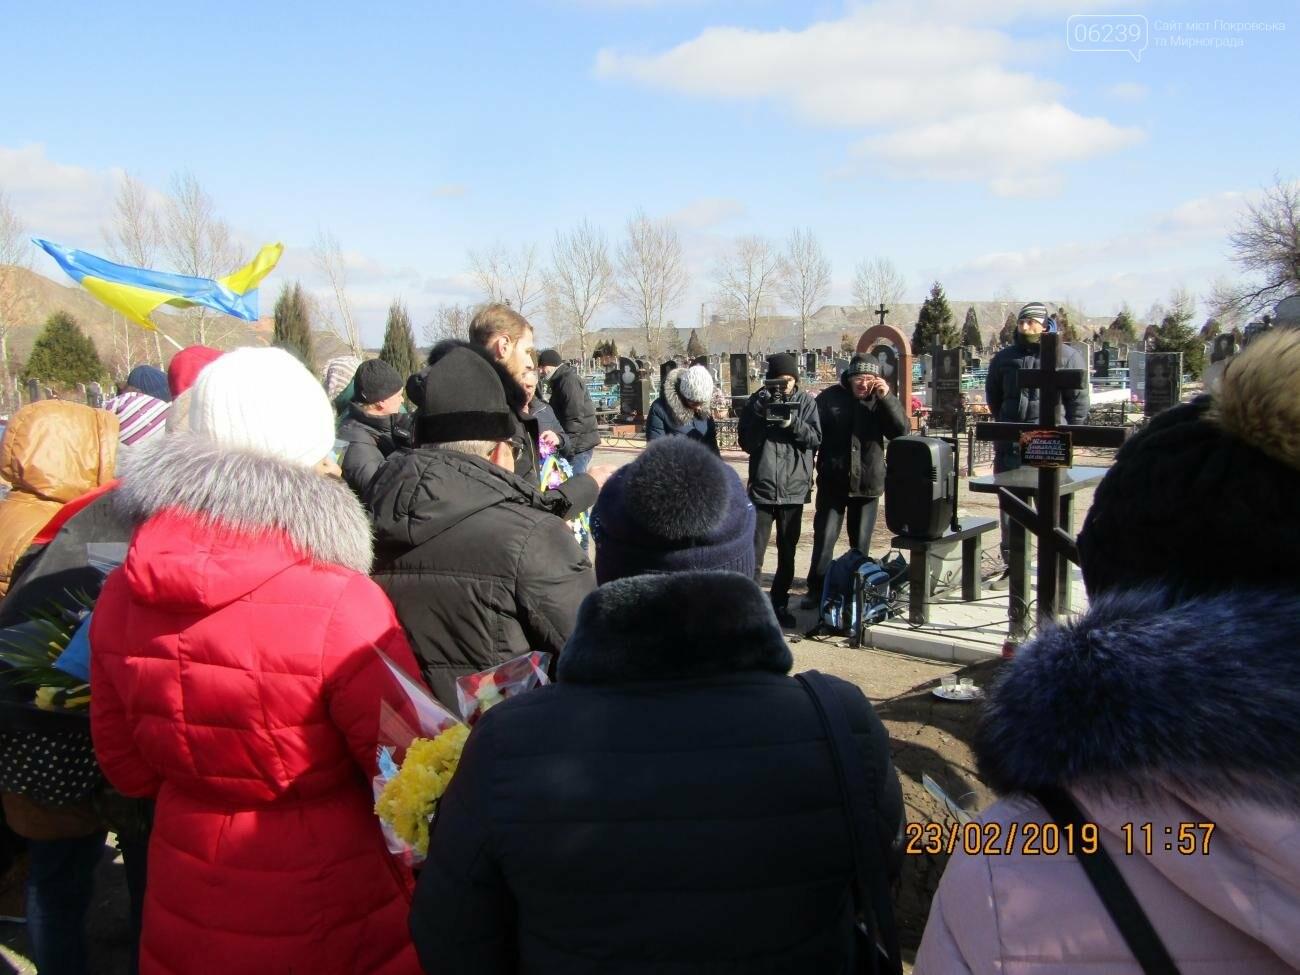 В Родинском провели акцию по чествованию памяти погибших во время АТО и ООС украинских воинов, фото-4